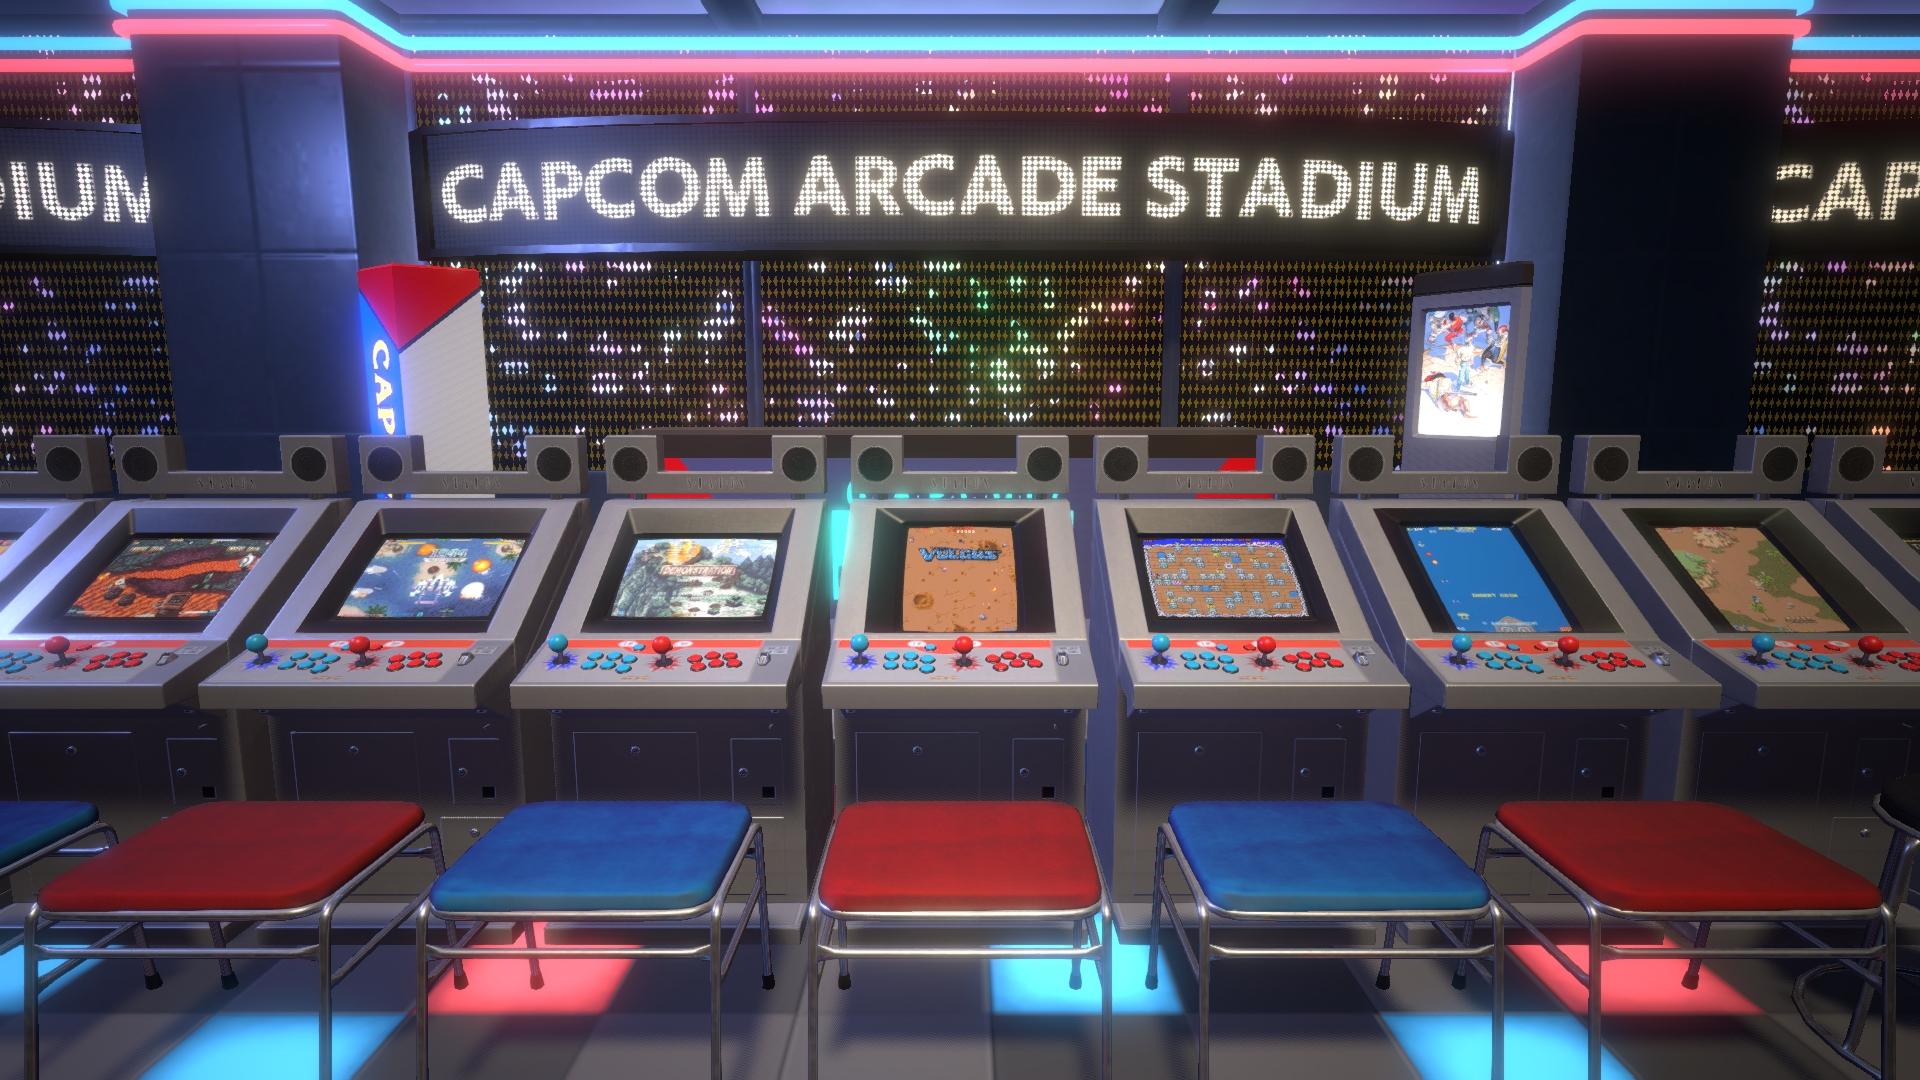 Capcom-Arcade-Stadium_2021_02-17-21_001